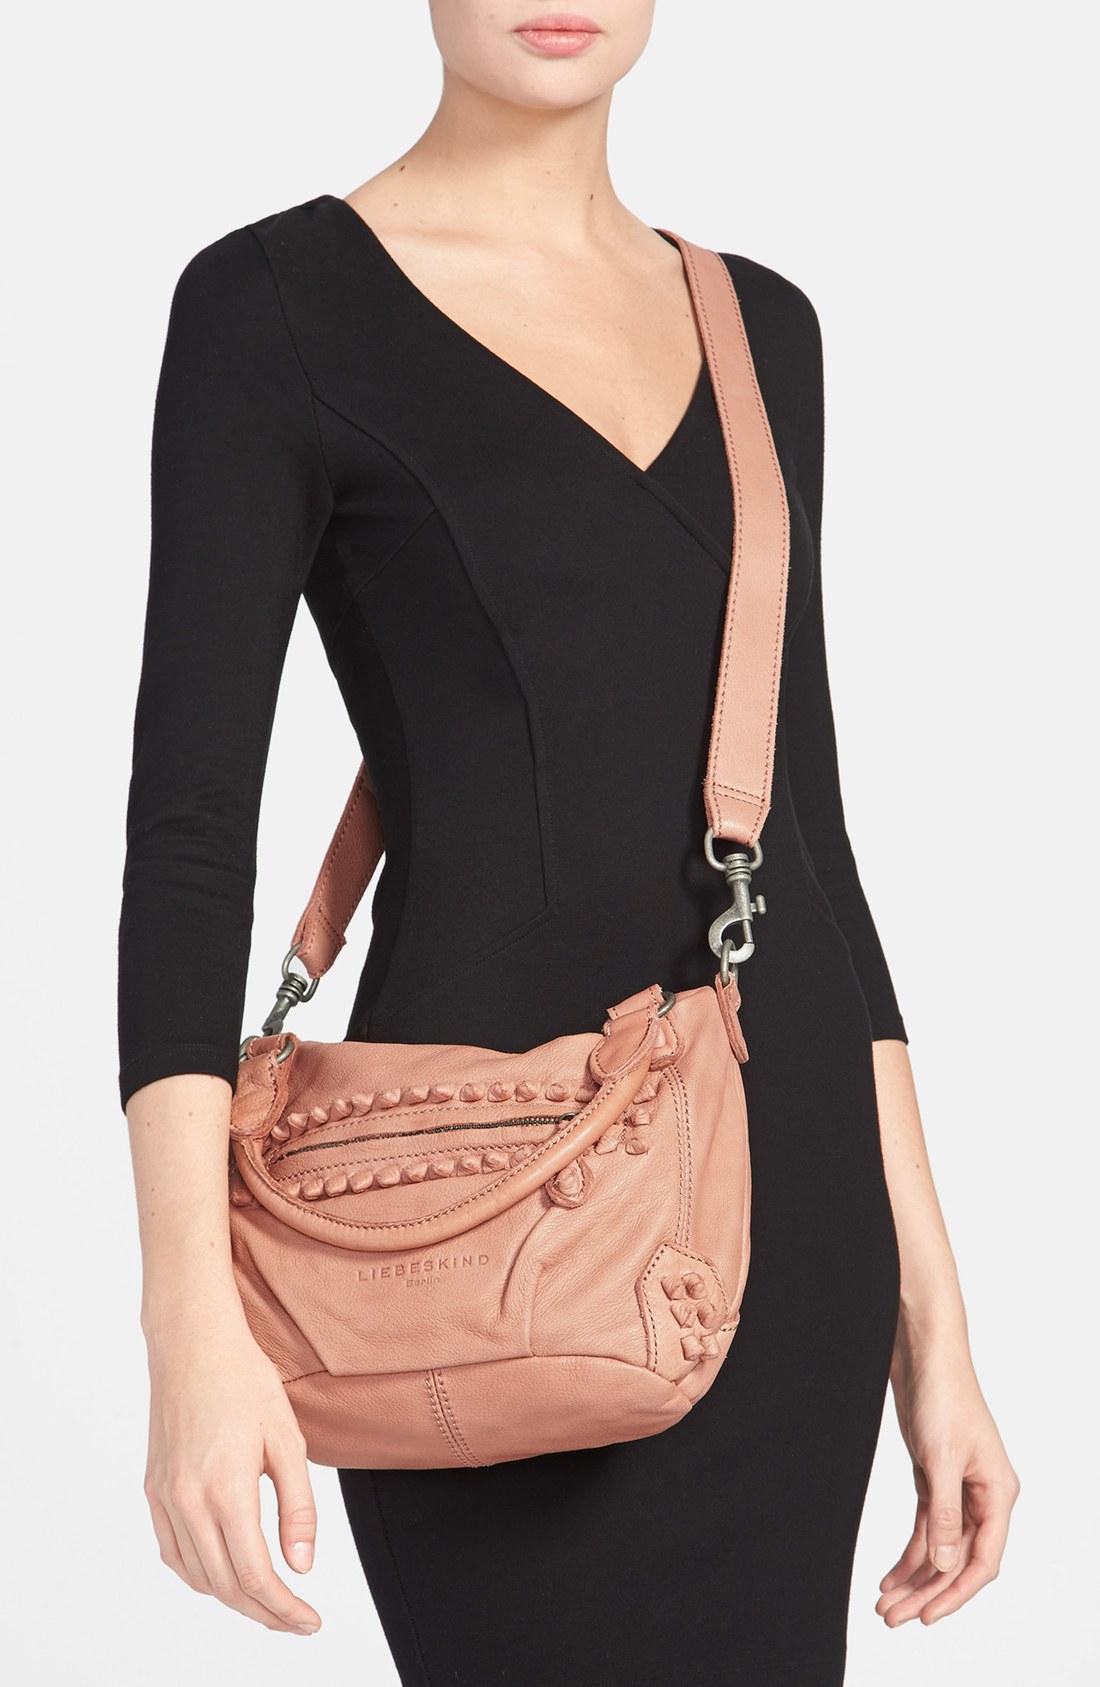 liebeskind vintage knot gina leather satchel in pink lyst. Black Bedroom Furniture Sets. Home Design Ideas